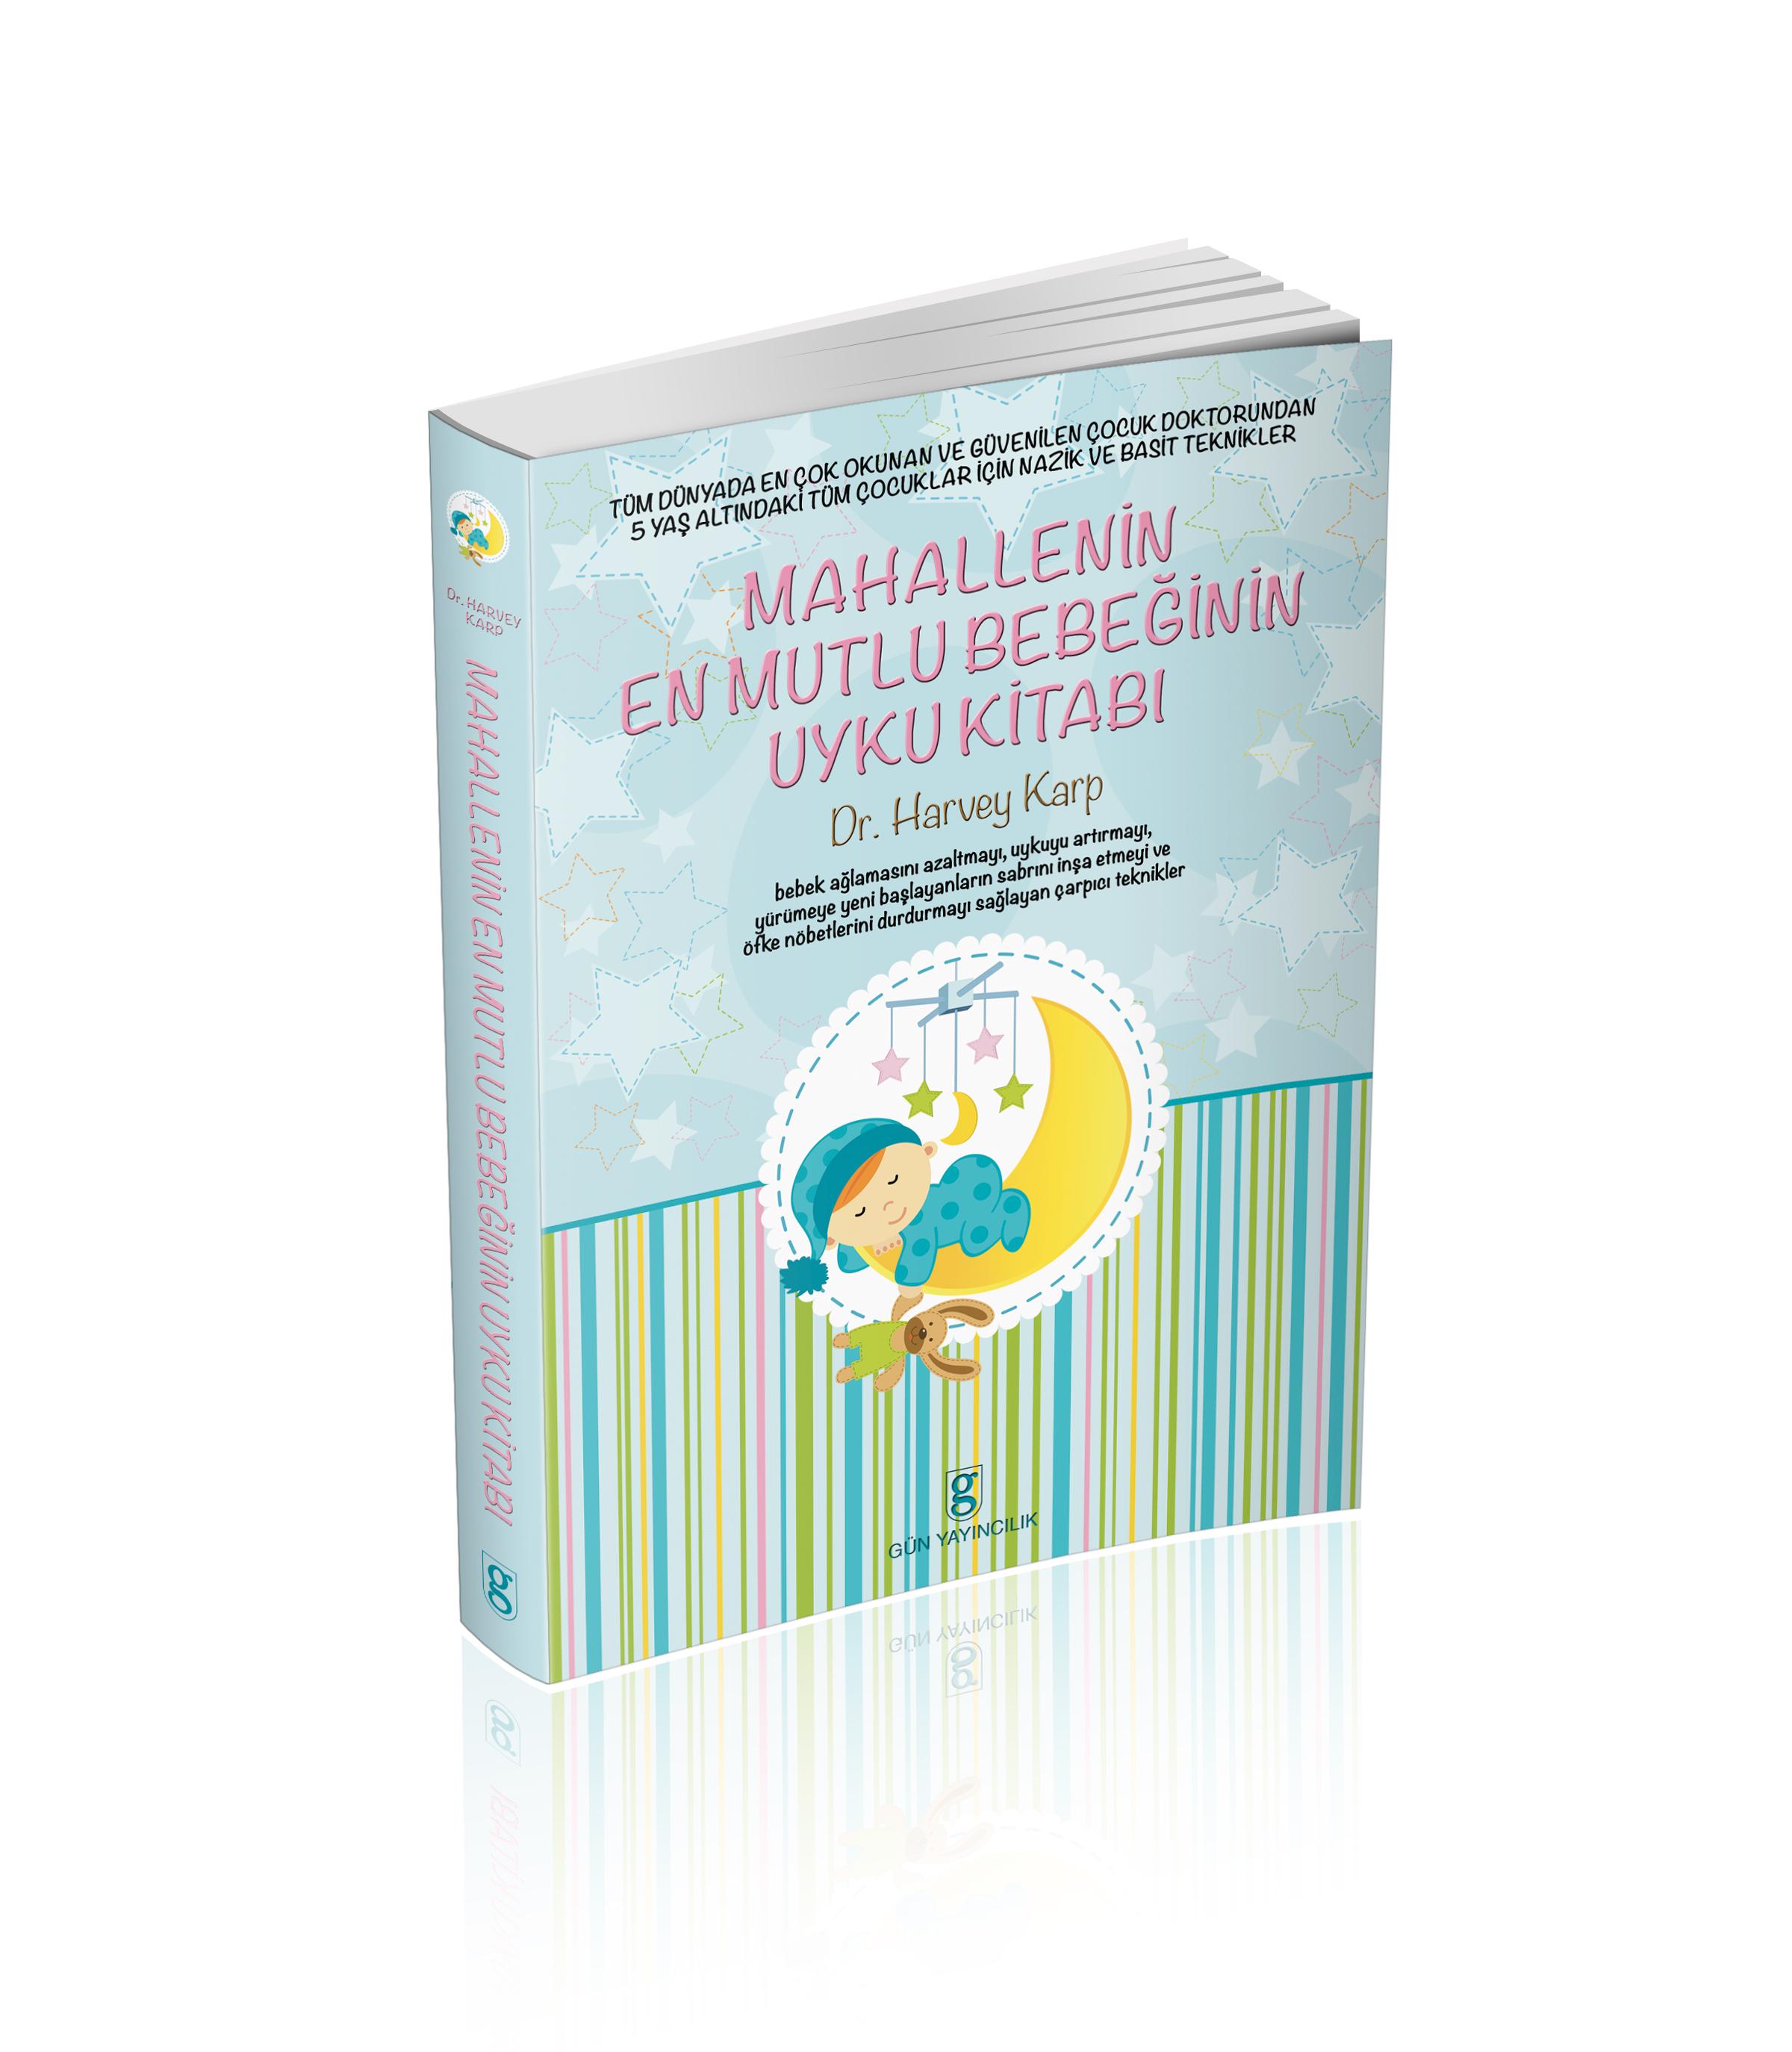 Mahallenin En Mutlu Bebeğinin Uyku Kitabı ( Hediyeli Yazı)